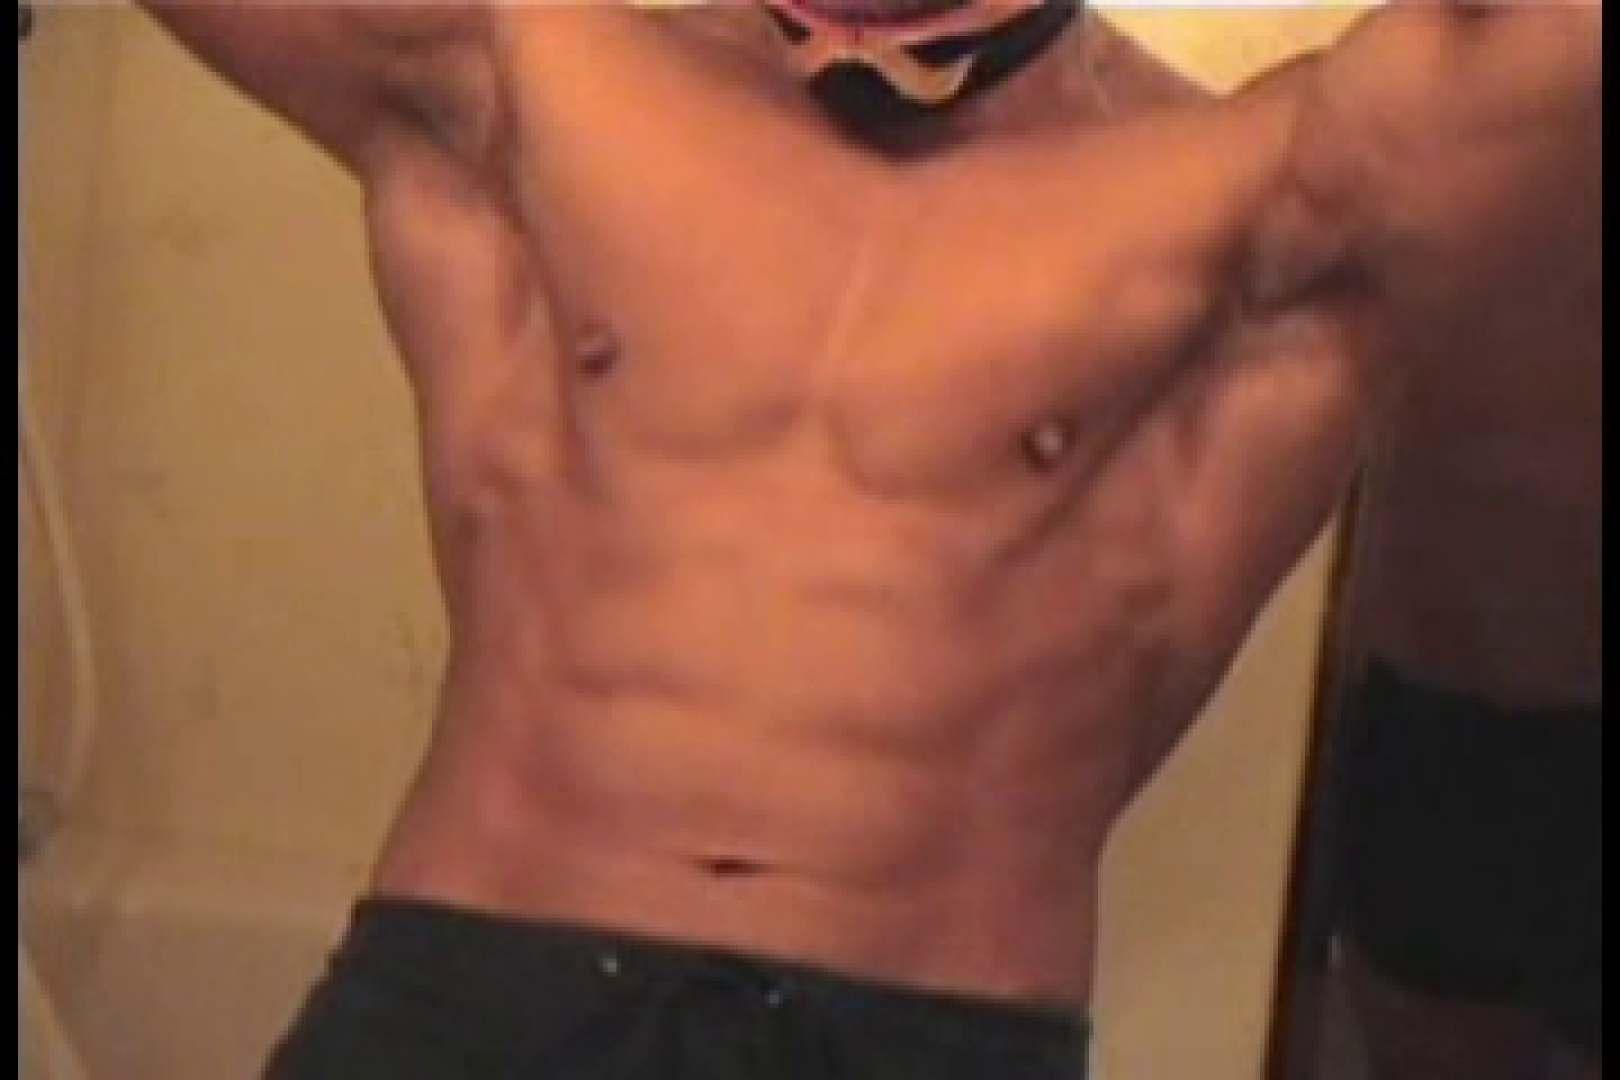 性器の味方ムキムキ覆面マッチョマン 肉 ゲイSEX画像 106画像 44